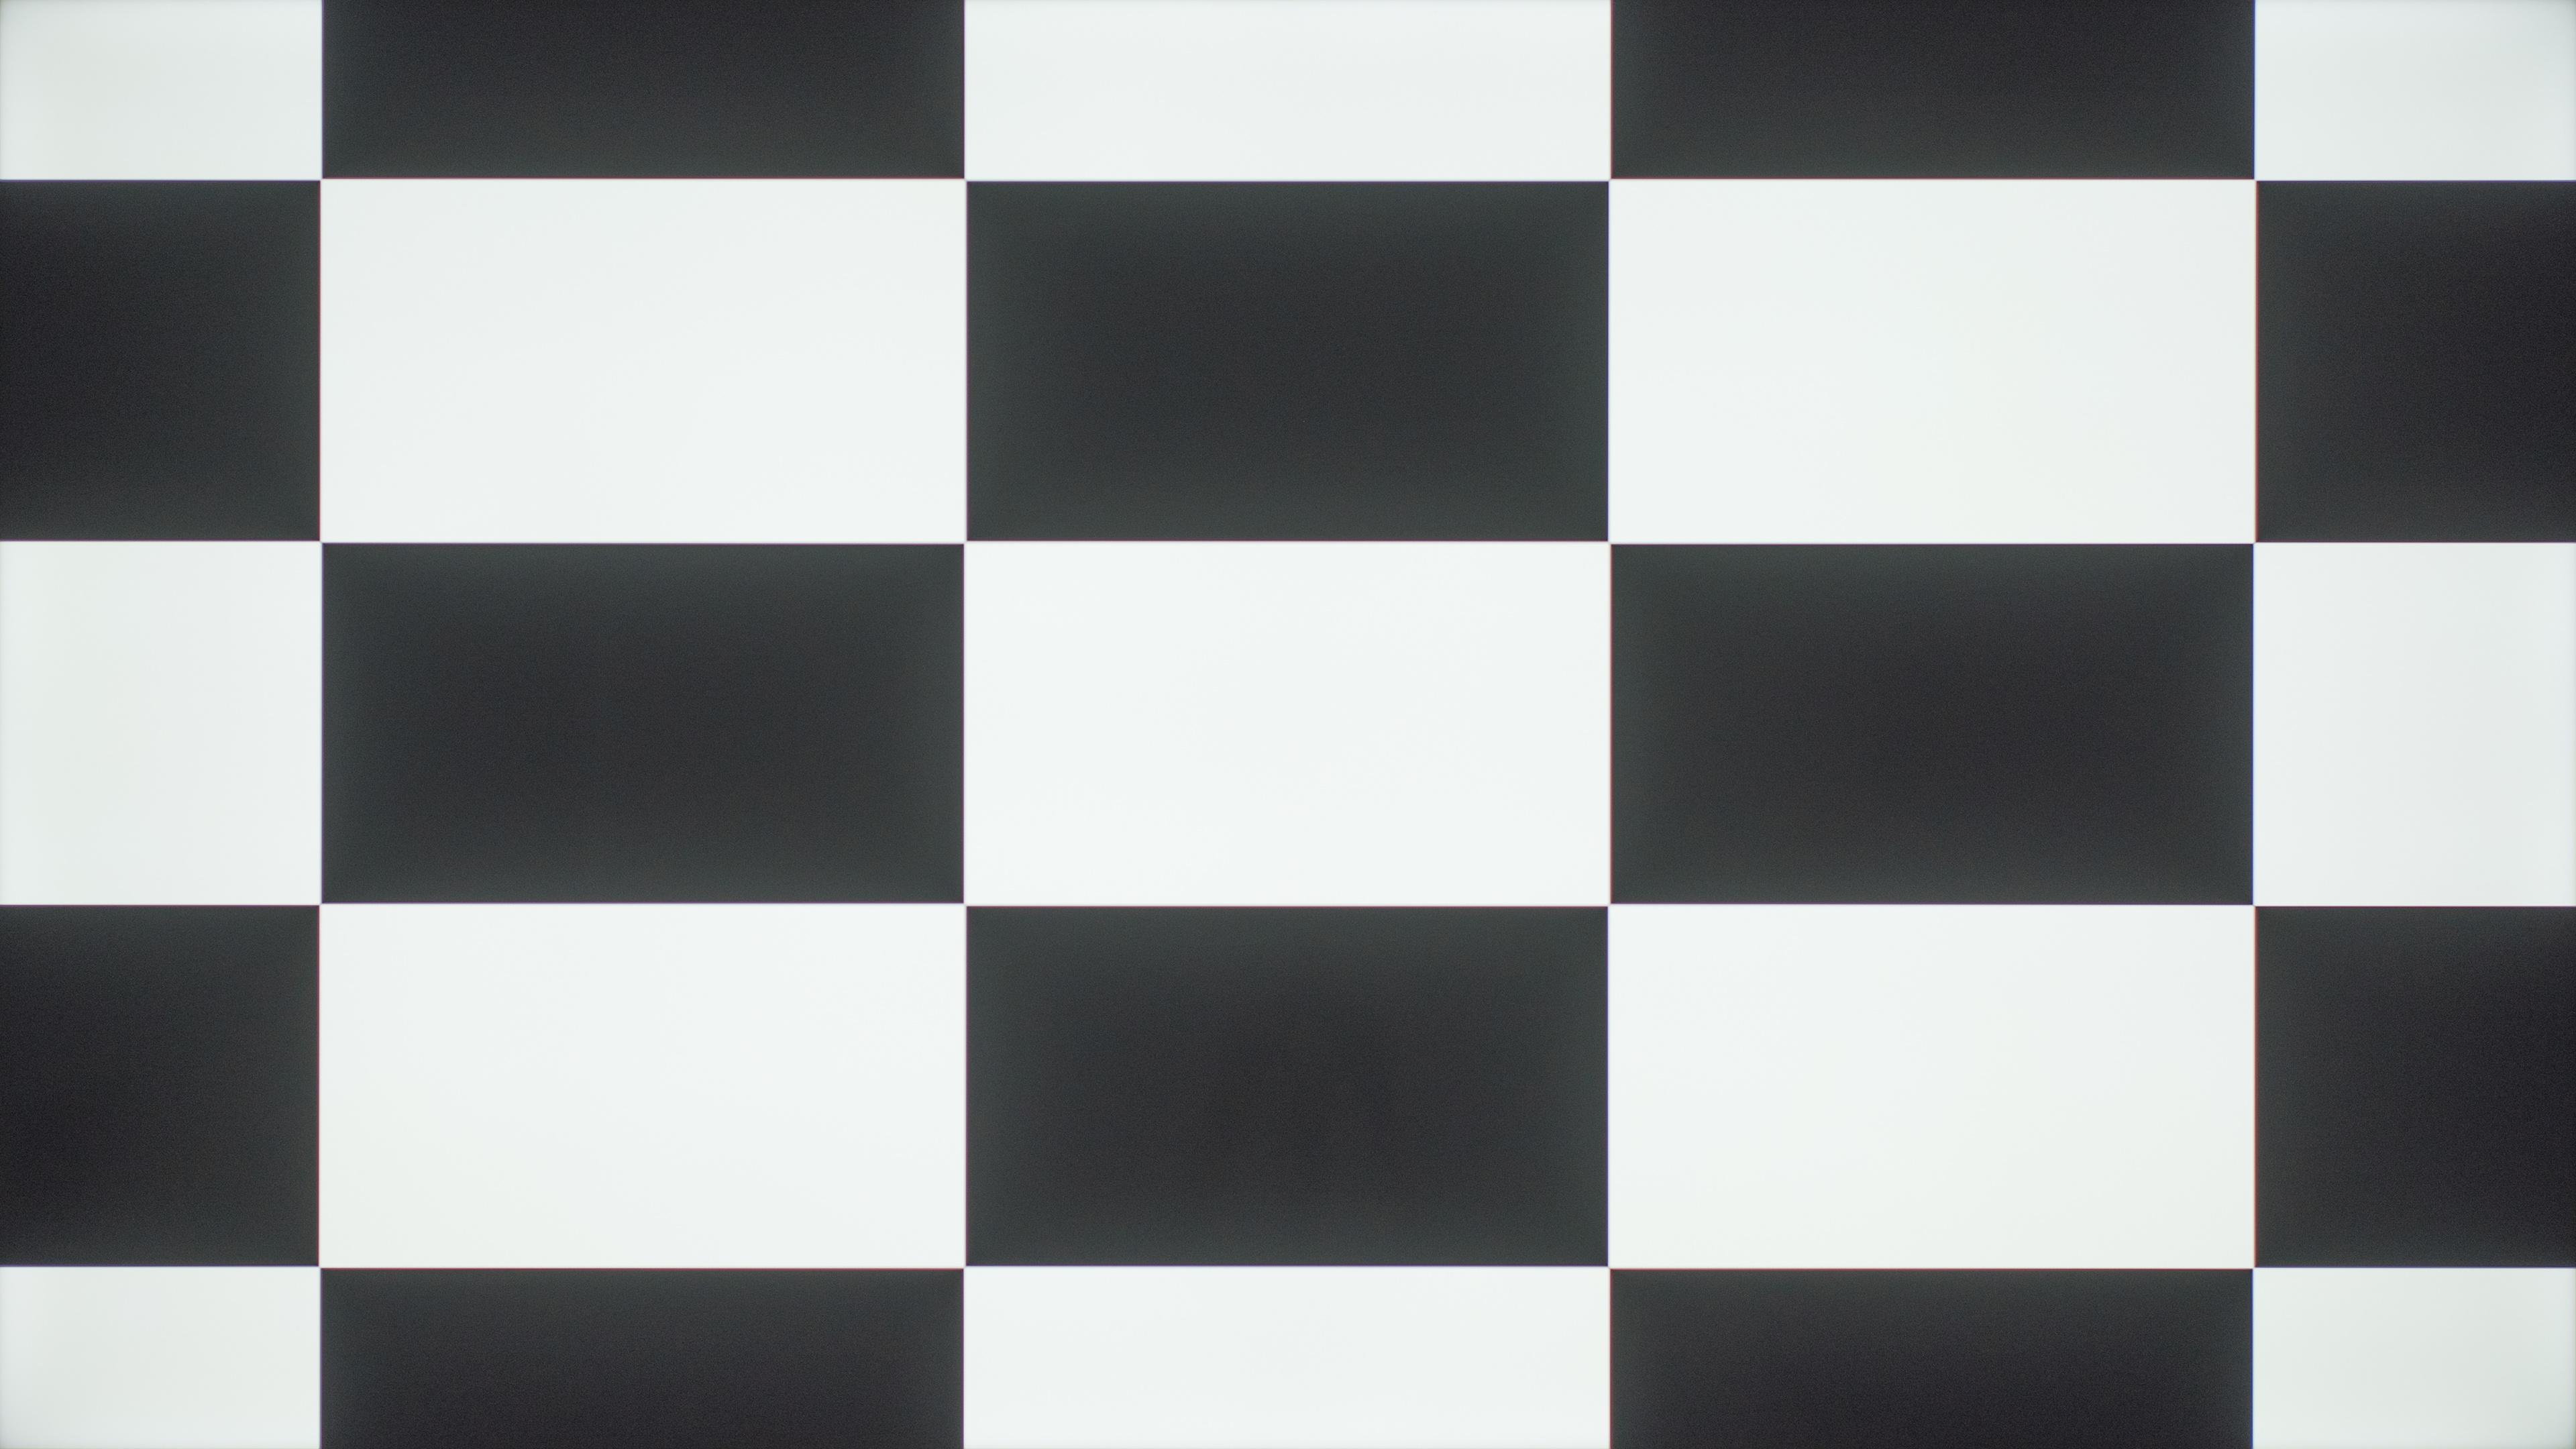 samsung mu6300. samsung mu6300 checkerboard picture mu6300